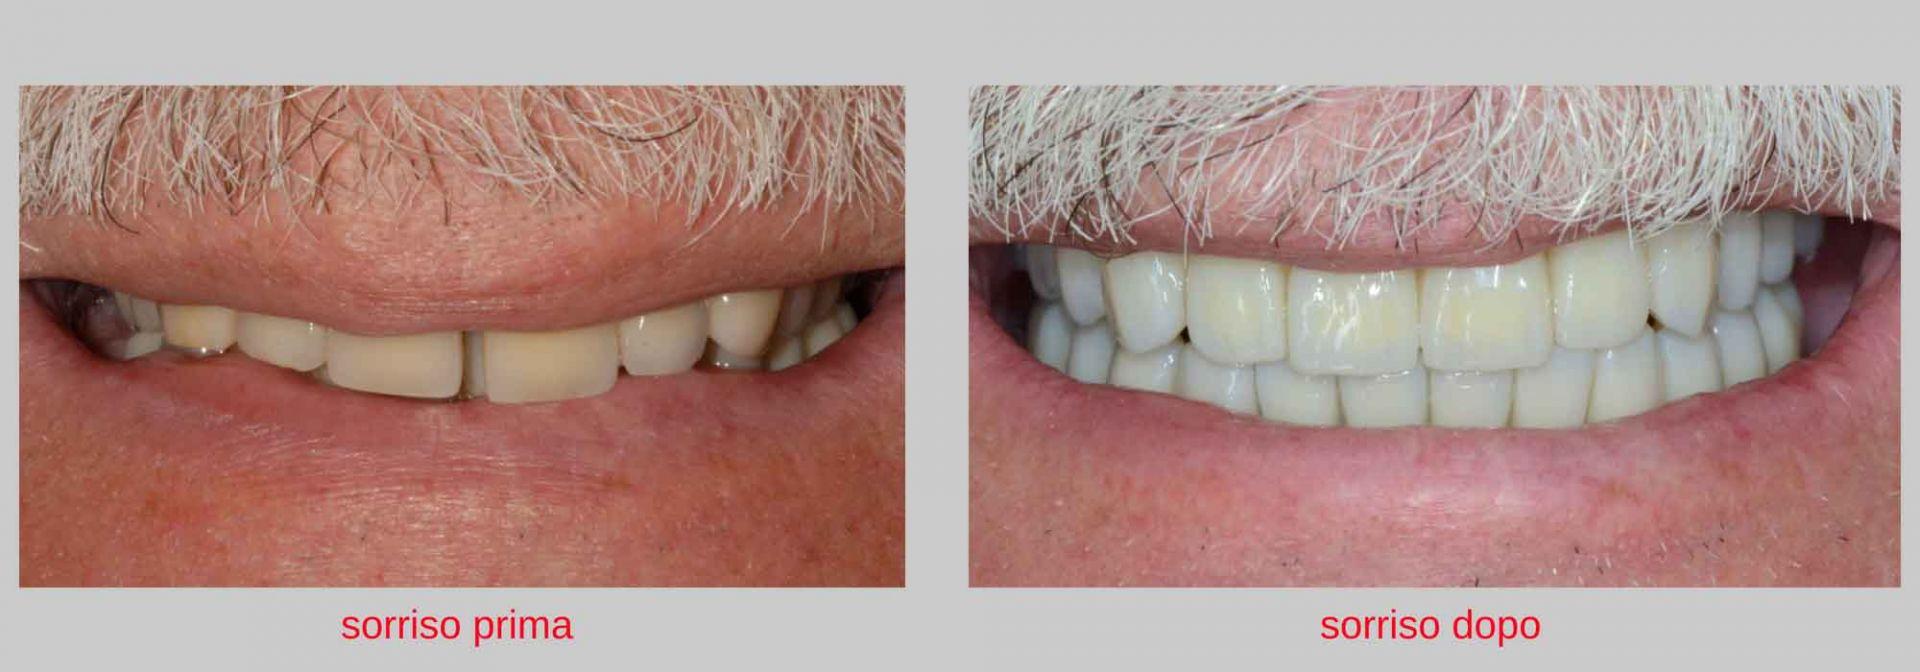 caso clinico implantologia estetica il sorriso